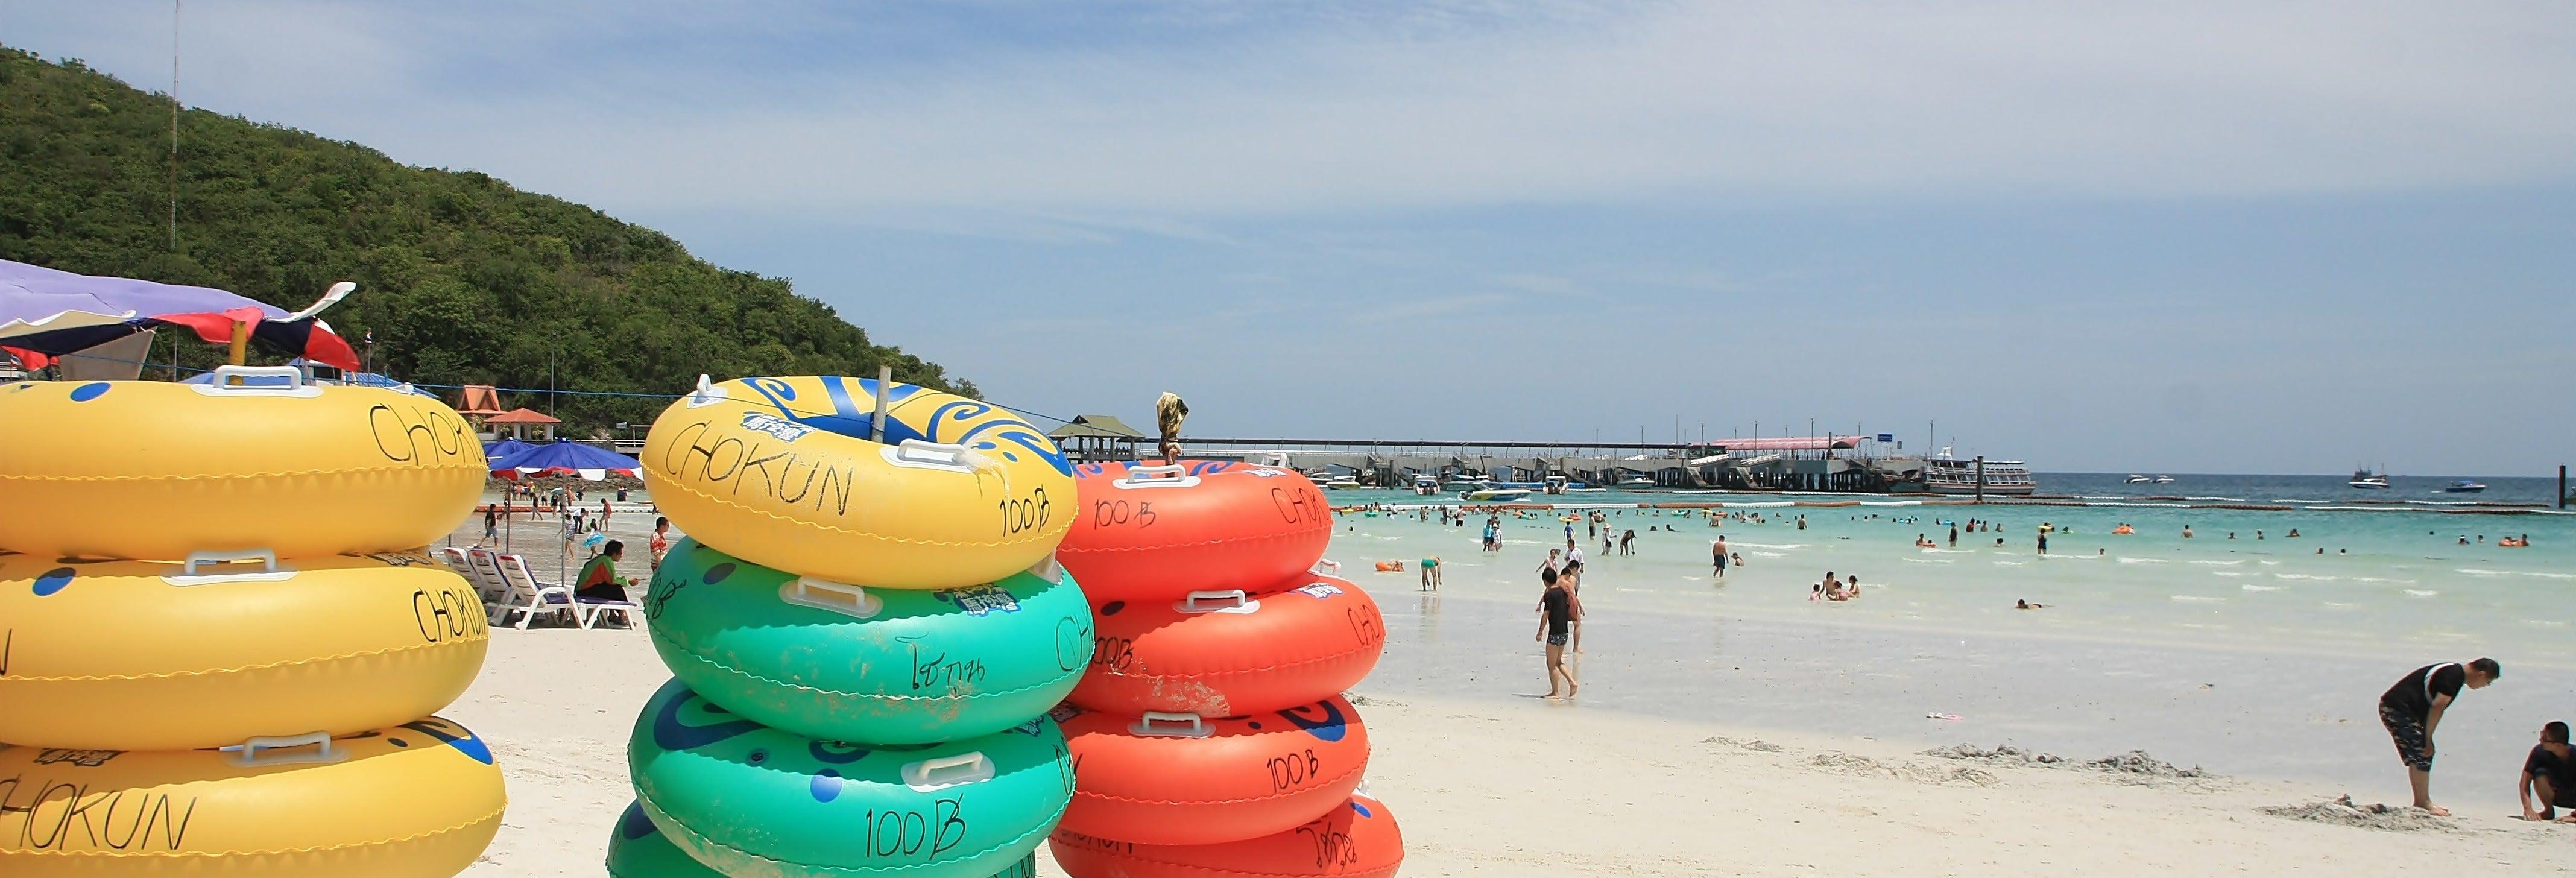 Excursão a Coral Island de lancha